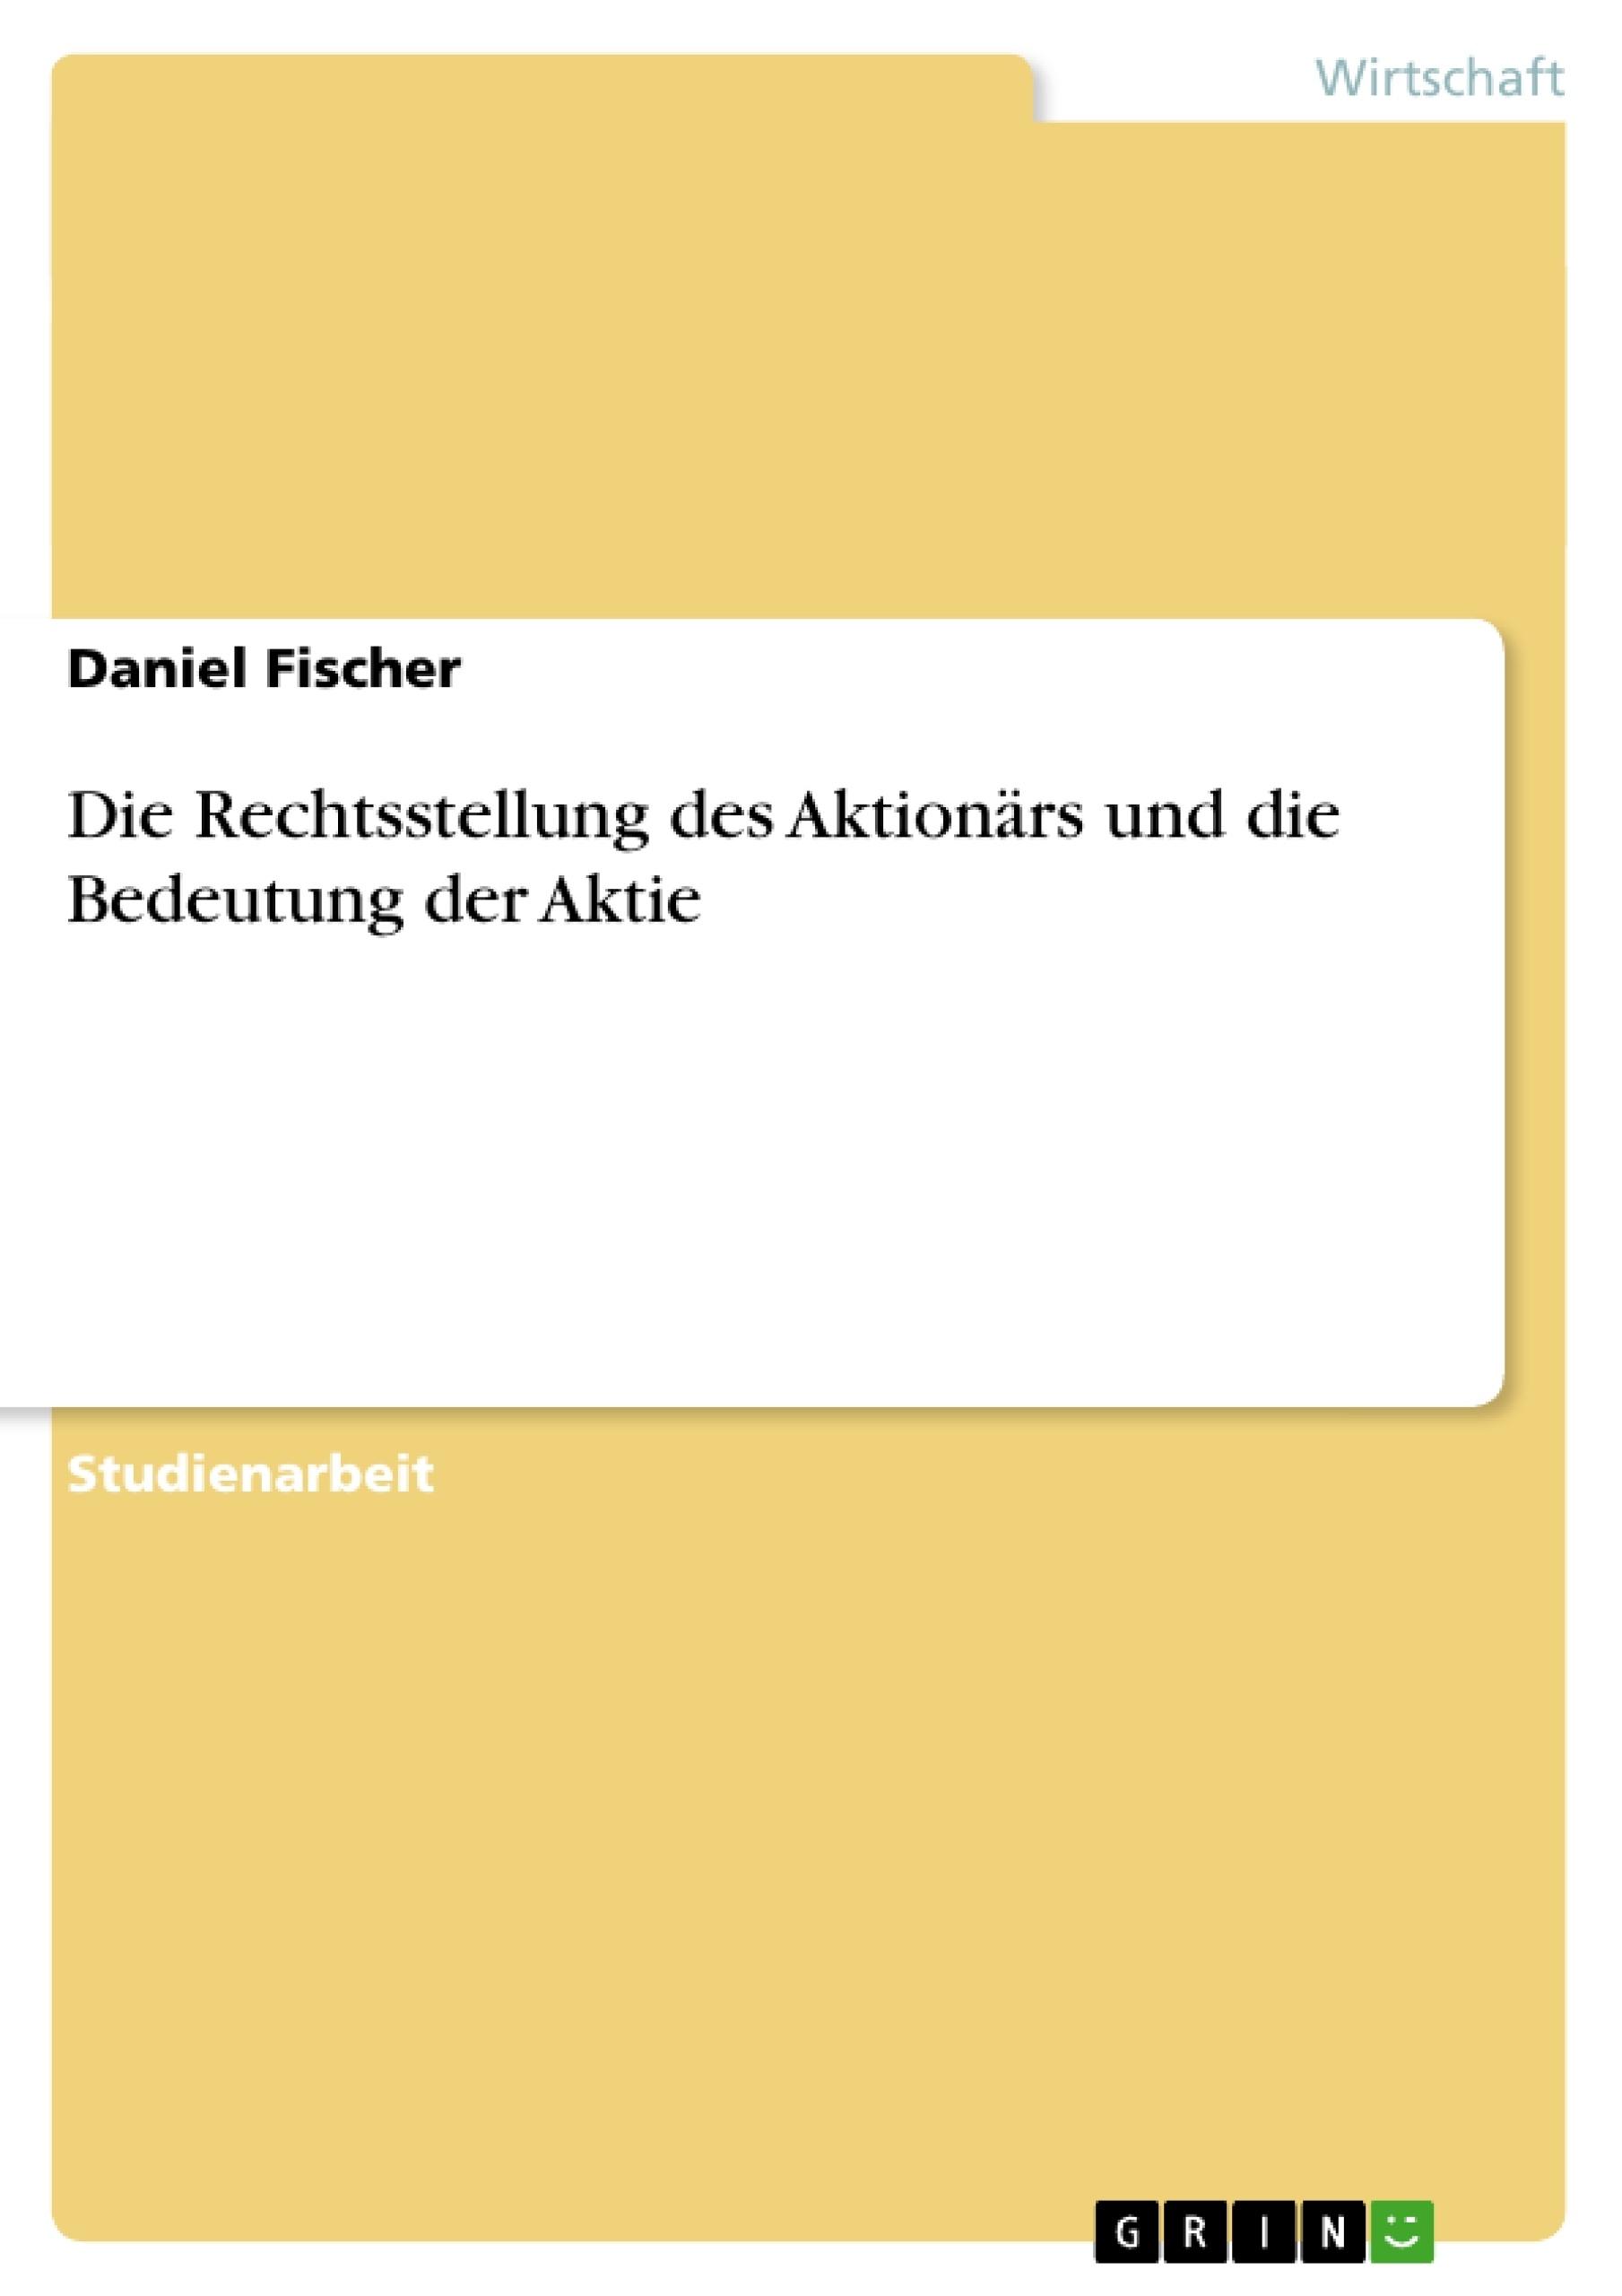 Titel: Die Rechtsstellung des Aktionärs und die Bedeutung der Aktie